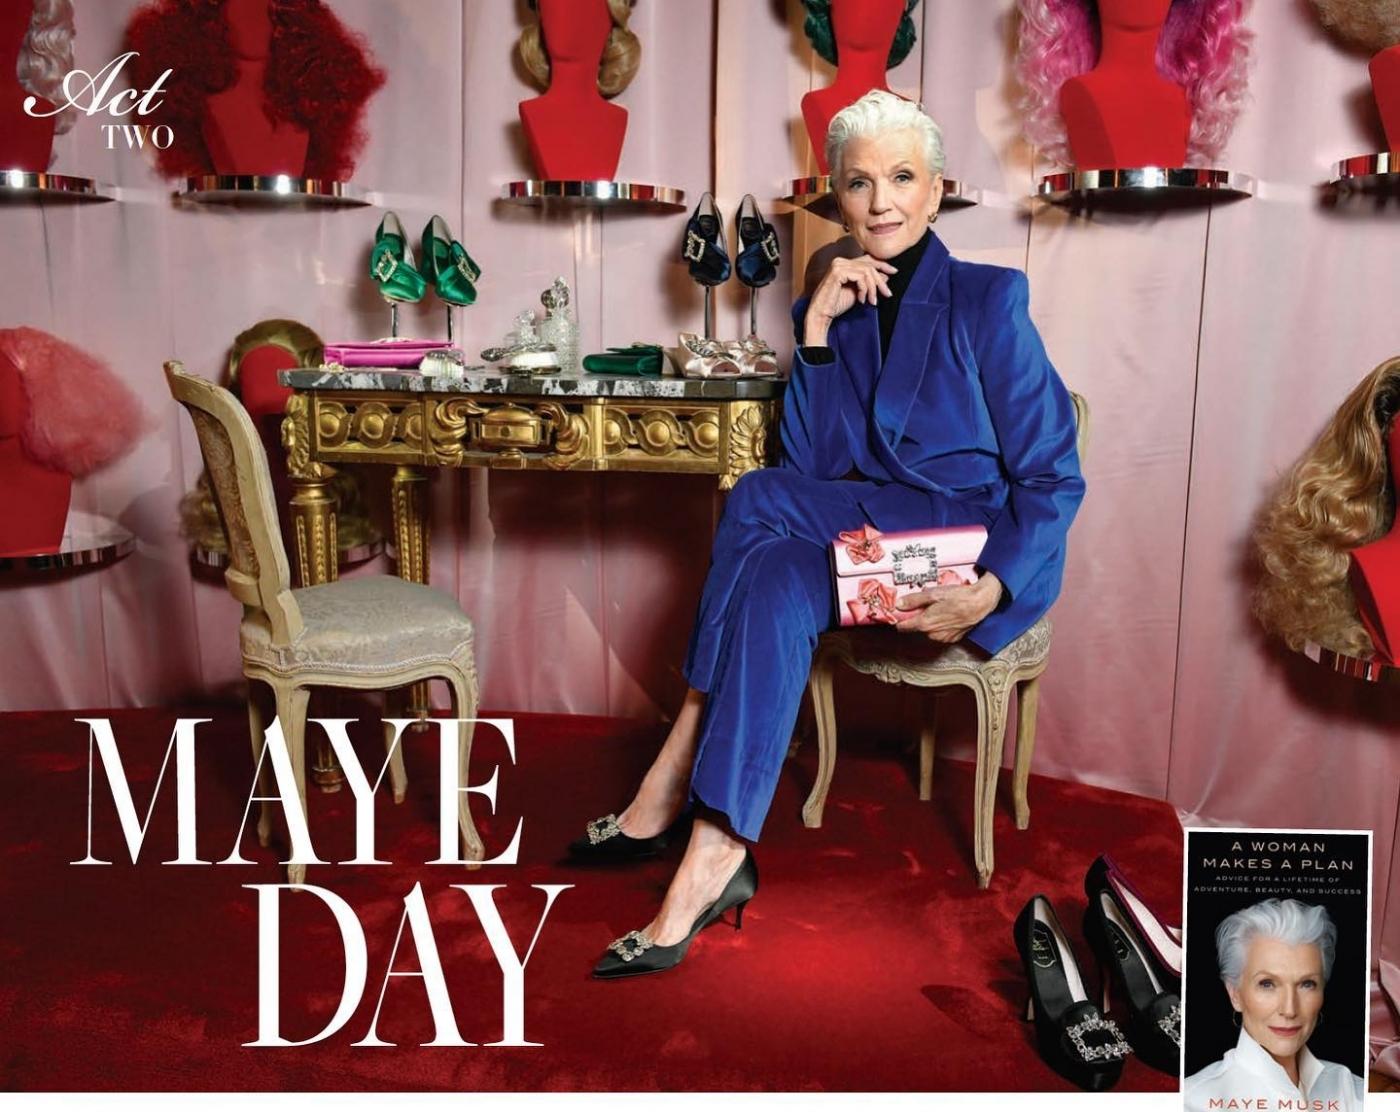 營養學博士、72歲網紅都是她!馬斯克之母:拜社群之賜,我成最老的封面女郎